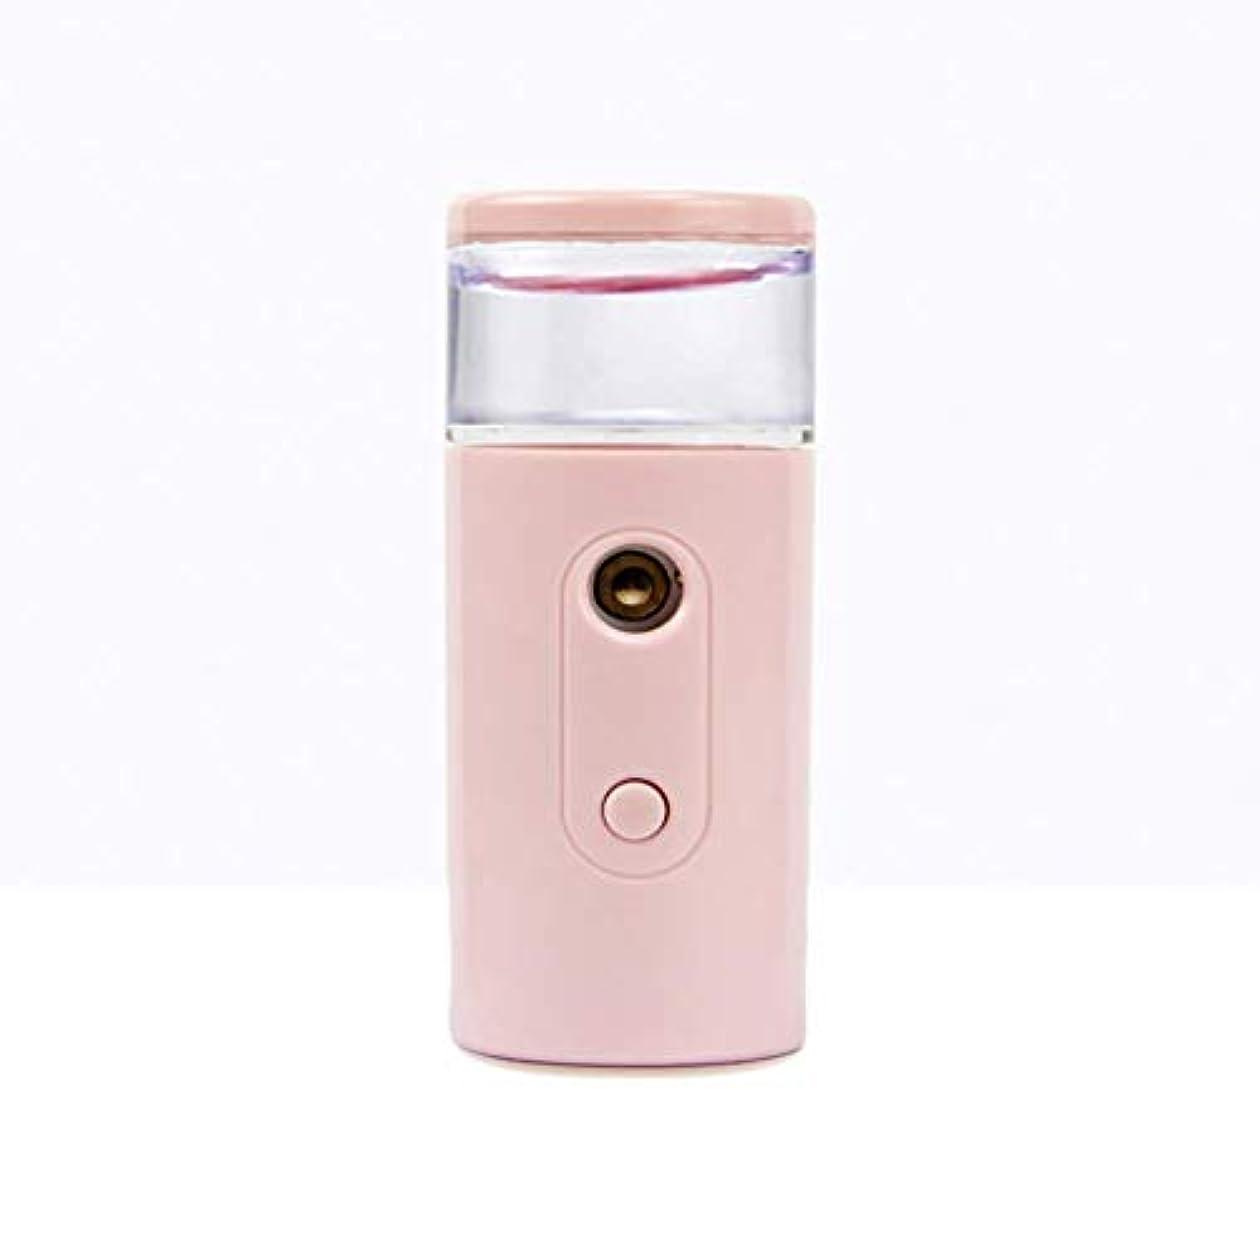 蒸発するシーサイドこれまでNano Facial Mister、30ml視覚的水タンクを備えた充電式フェイシャルスチーマー、スキンケア、旅行用保湿&保湿